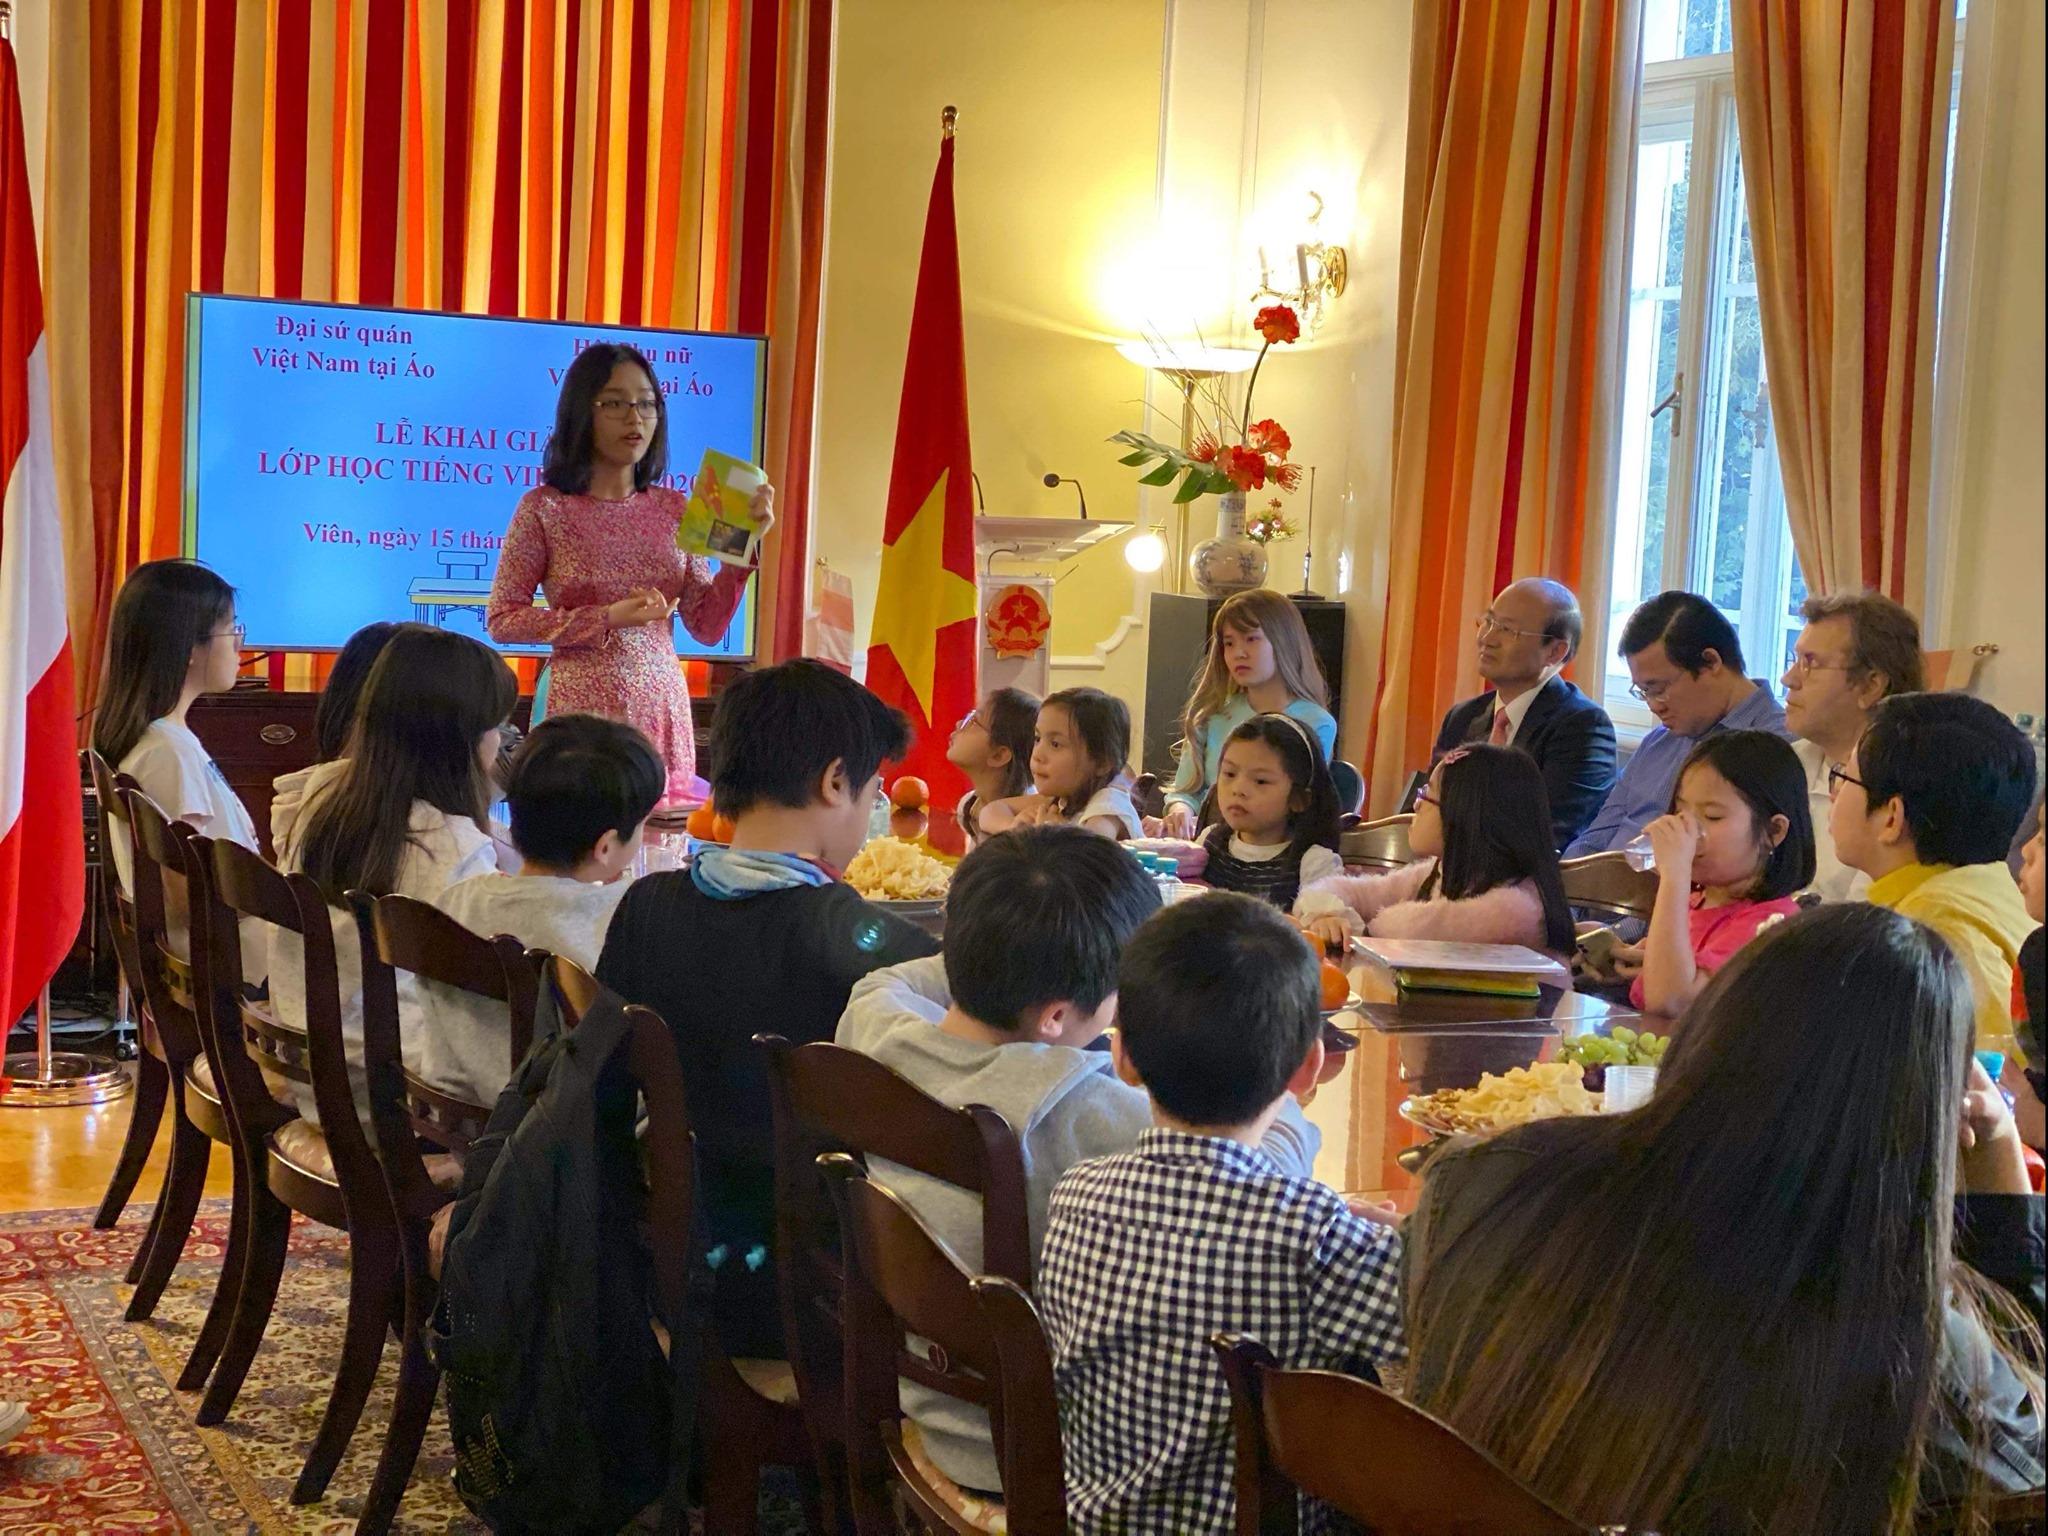 Khai giảng lớp học tiếng Việt dành cho người Việt Nam tại Áo